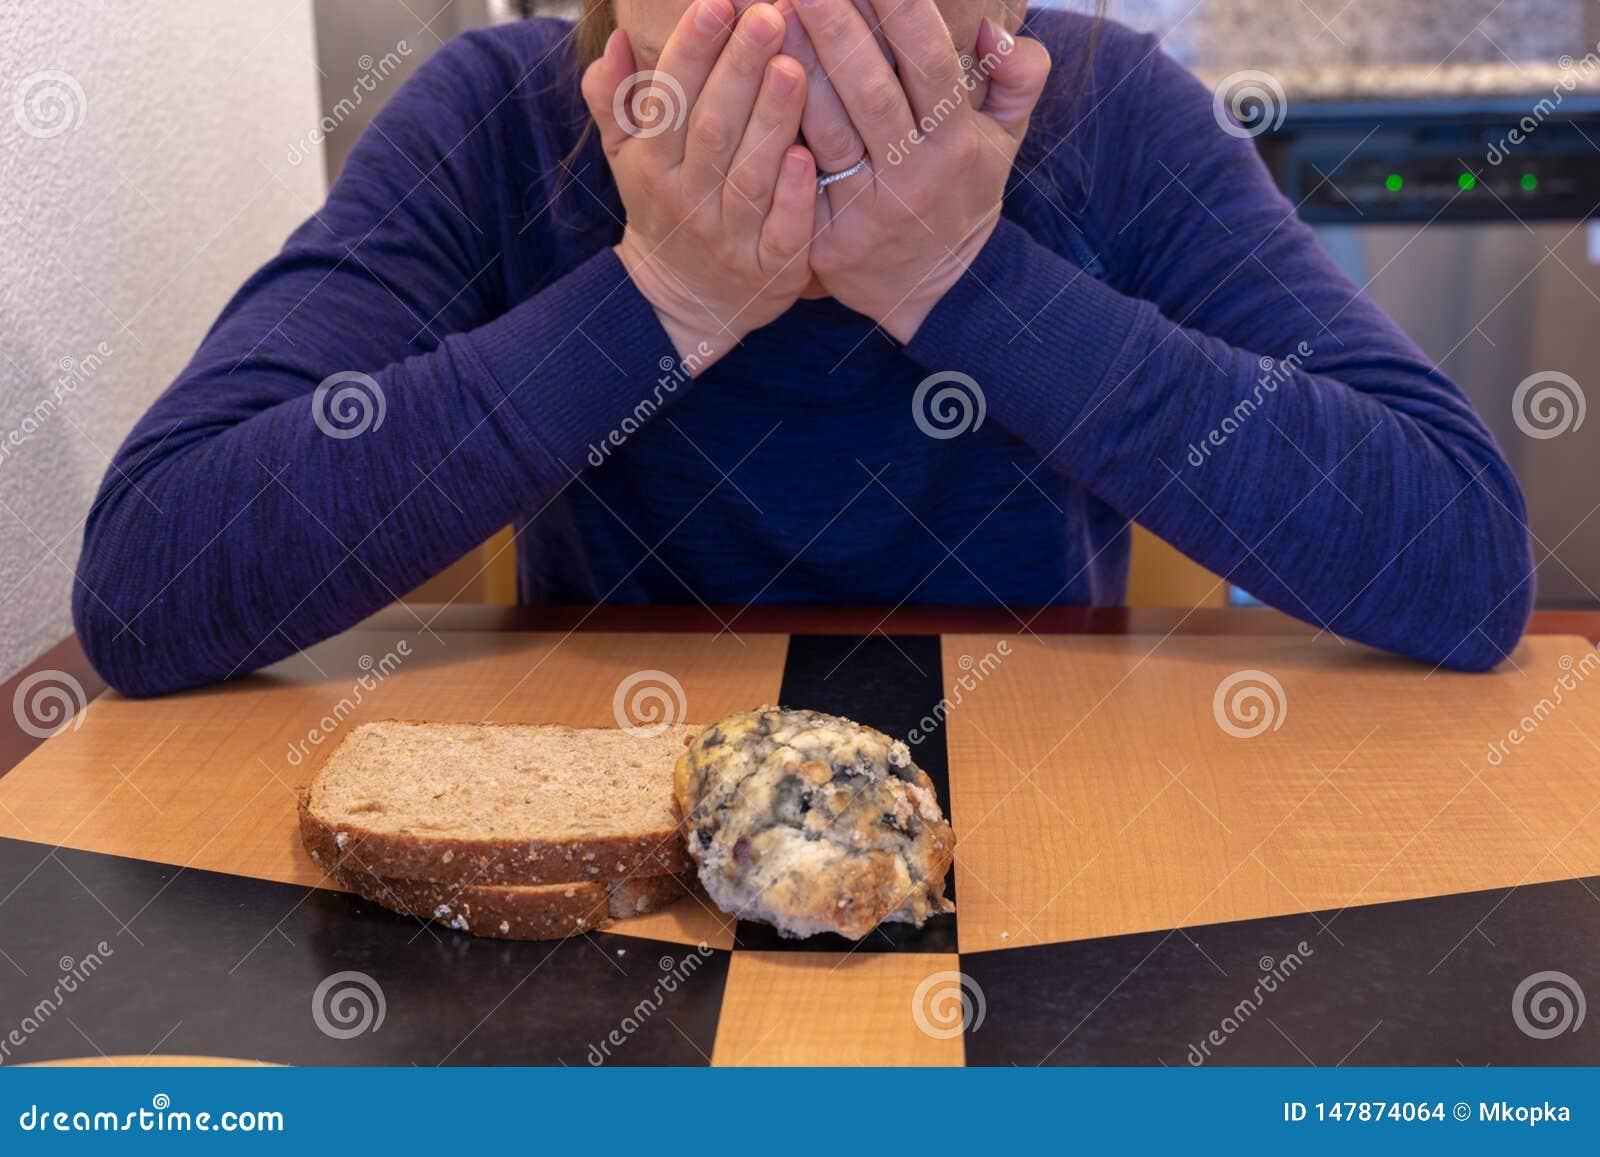 Η νέα γυναίκα φωνάζει και θάβει το κεφάλι και το πρόσωπό της καθμένος σε έναν πίνακα κουζινών με μια έννοια scone και φρυγανιάς γ